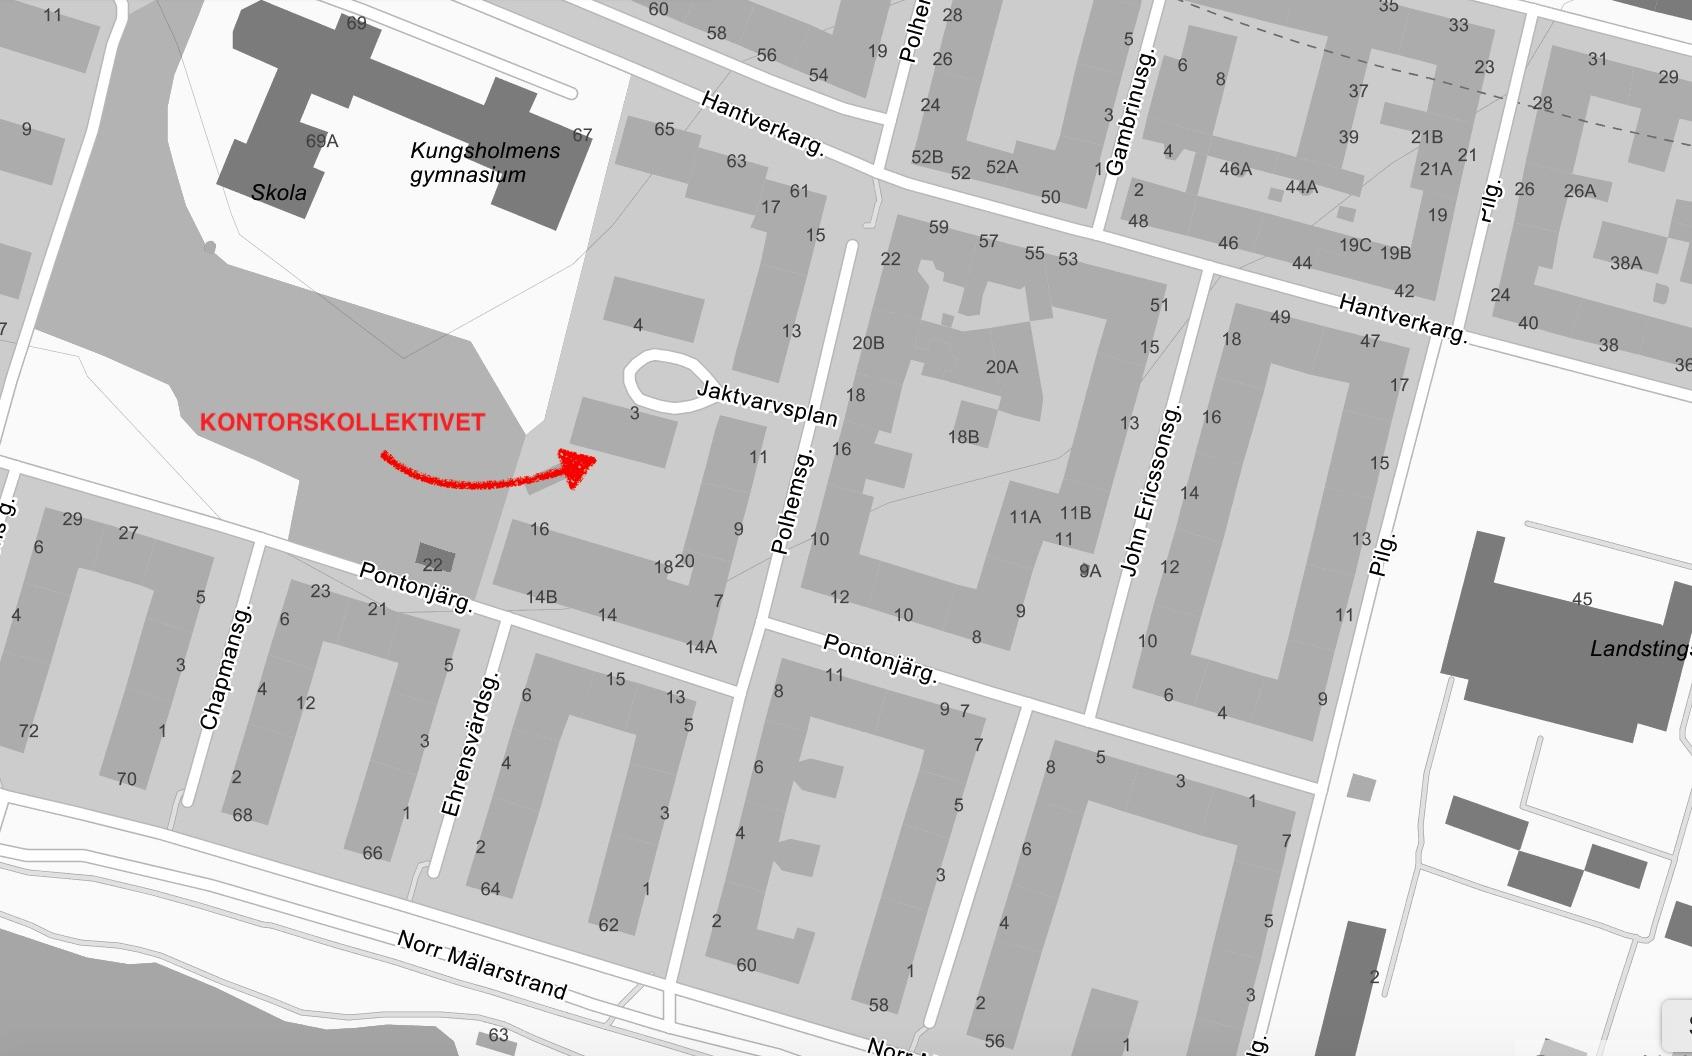 Kontorskollektivet ligger på gården mellan Jaktvarvsplan 3 och Pontonjärgatan 16. Kollektivt tar dig smidigt hit med tunnelbana till Fridhemsplan och Rådhuset eller buss 3, 50, 54 till Polhemsgatan alternativt buss 61 till Pontonjärparken. Om du inte cyklar eller promenerar längs vackra Norr Mälarstrand.  Vid frågor - ring Fredrik Pallin via 0708-114 115.